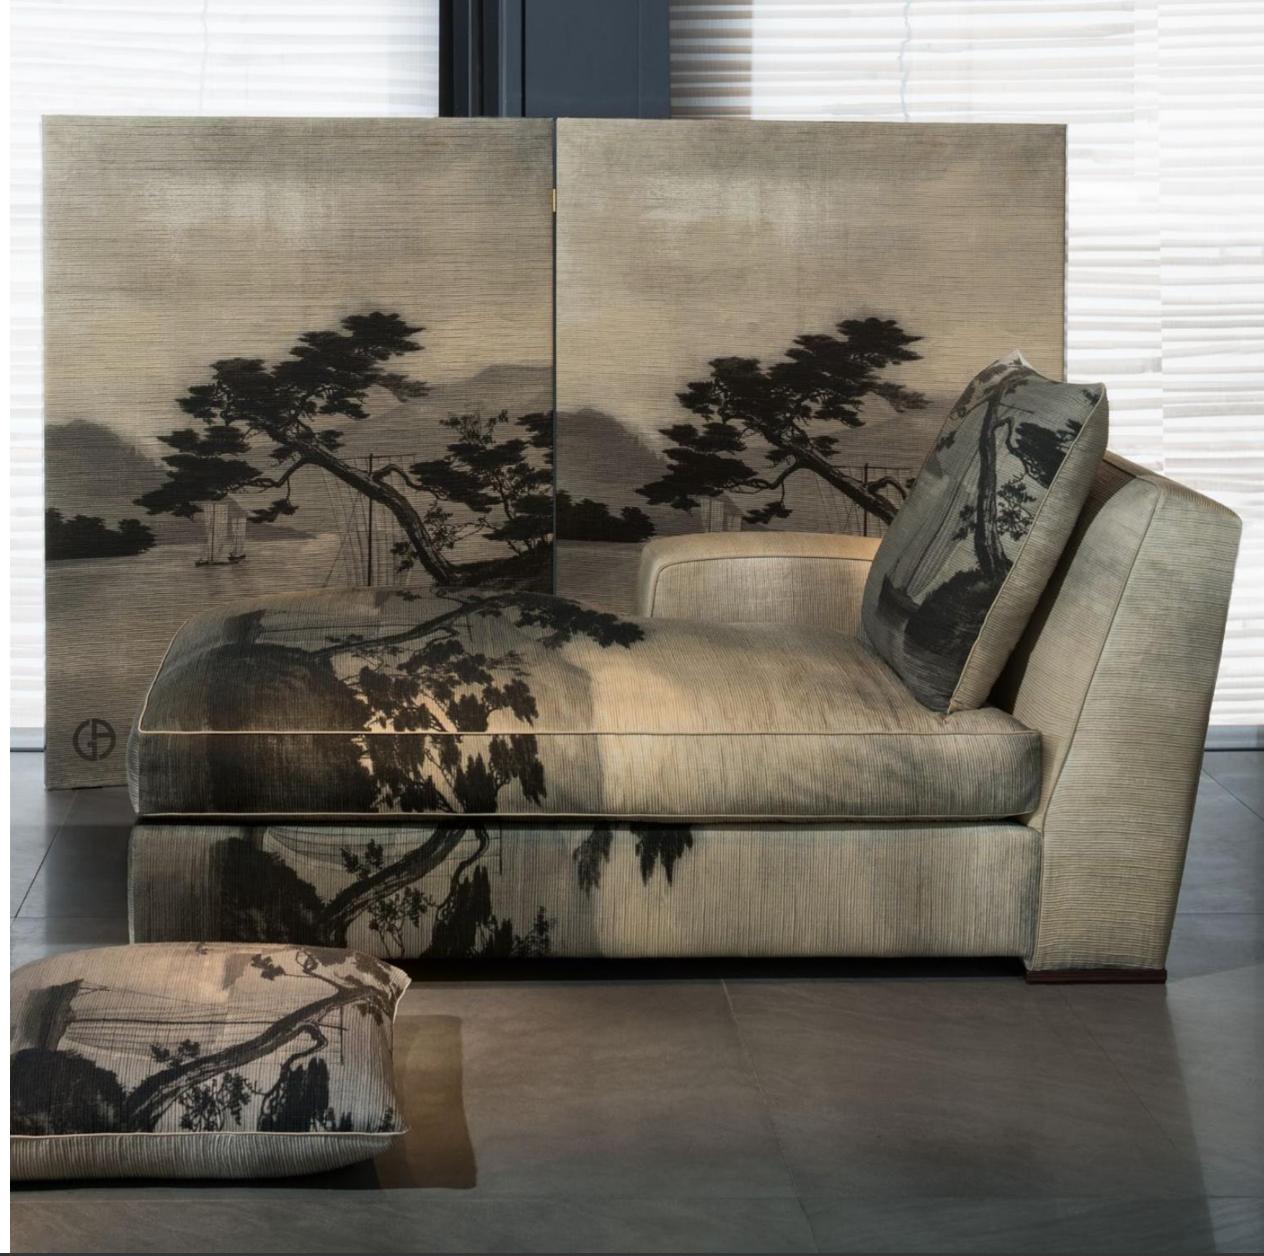 Armani Casa fabric by Rubelli, 2016